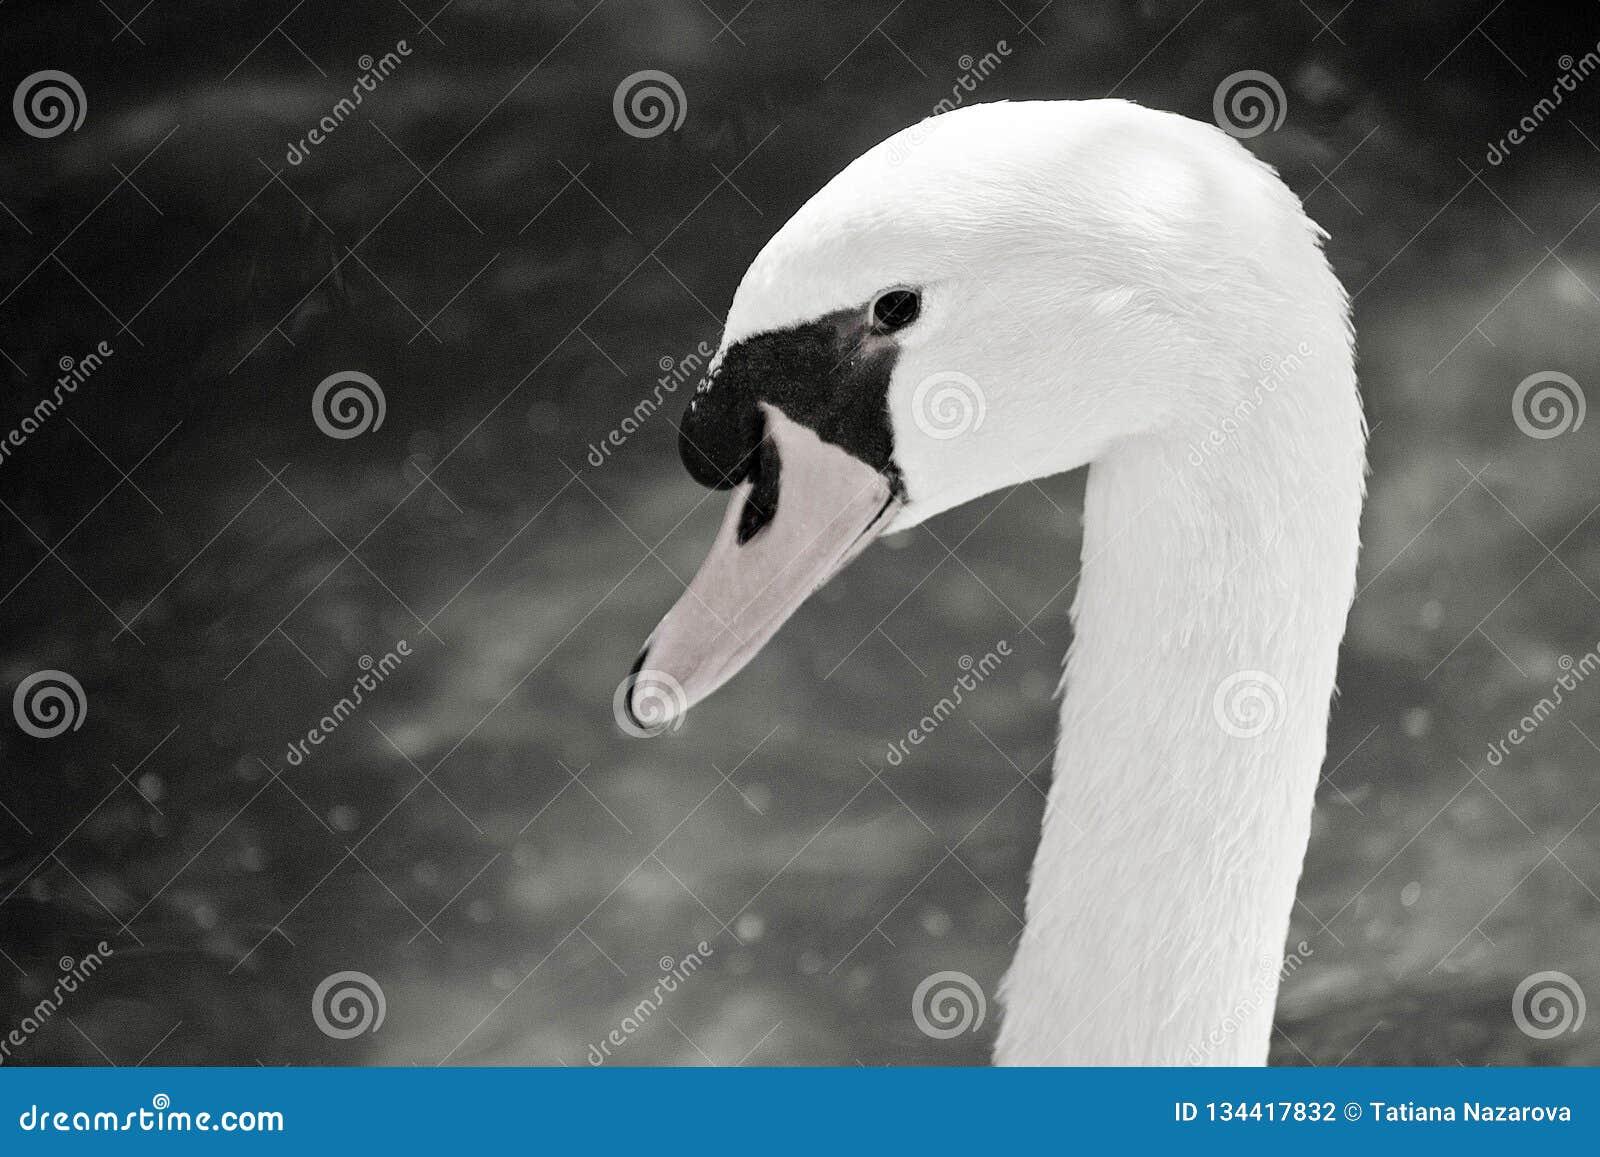 Foto in bianco e nero della testa del cigno